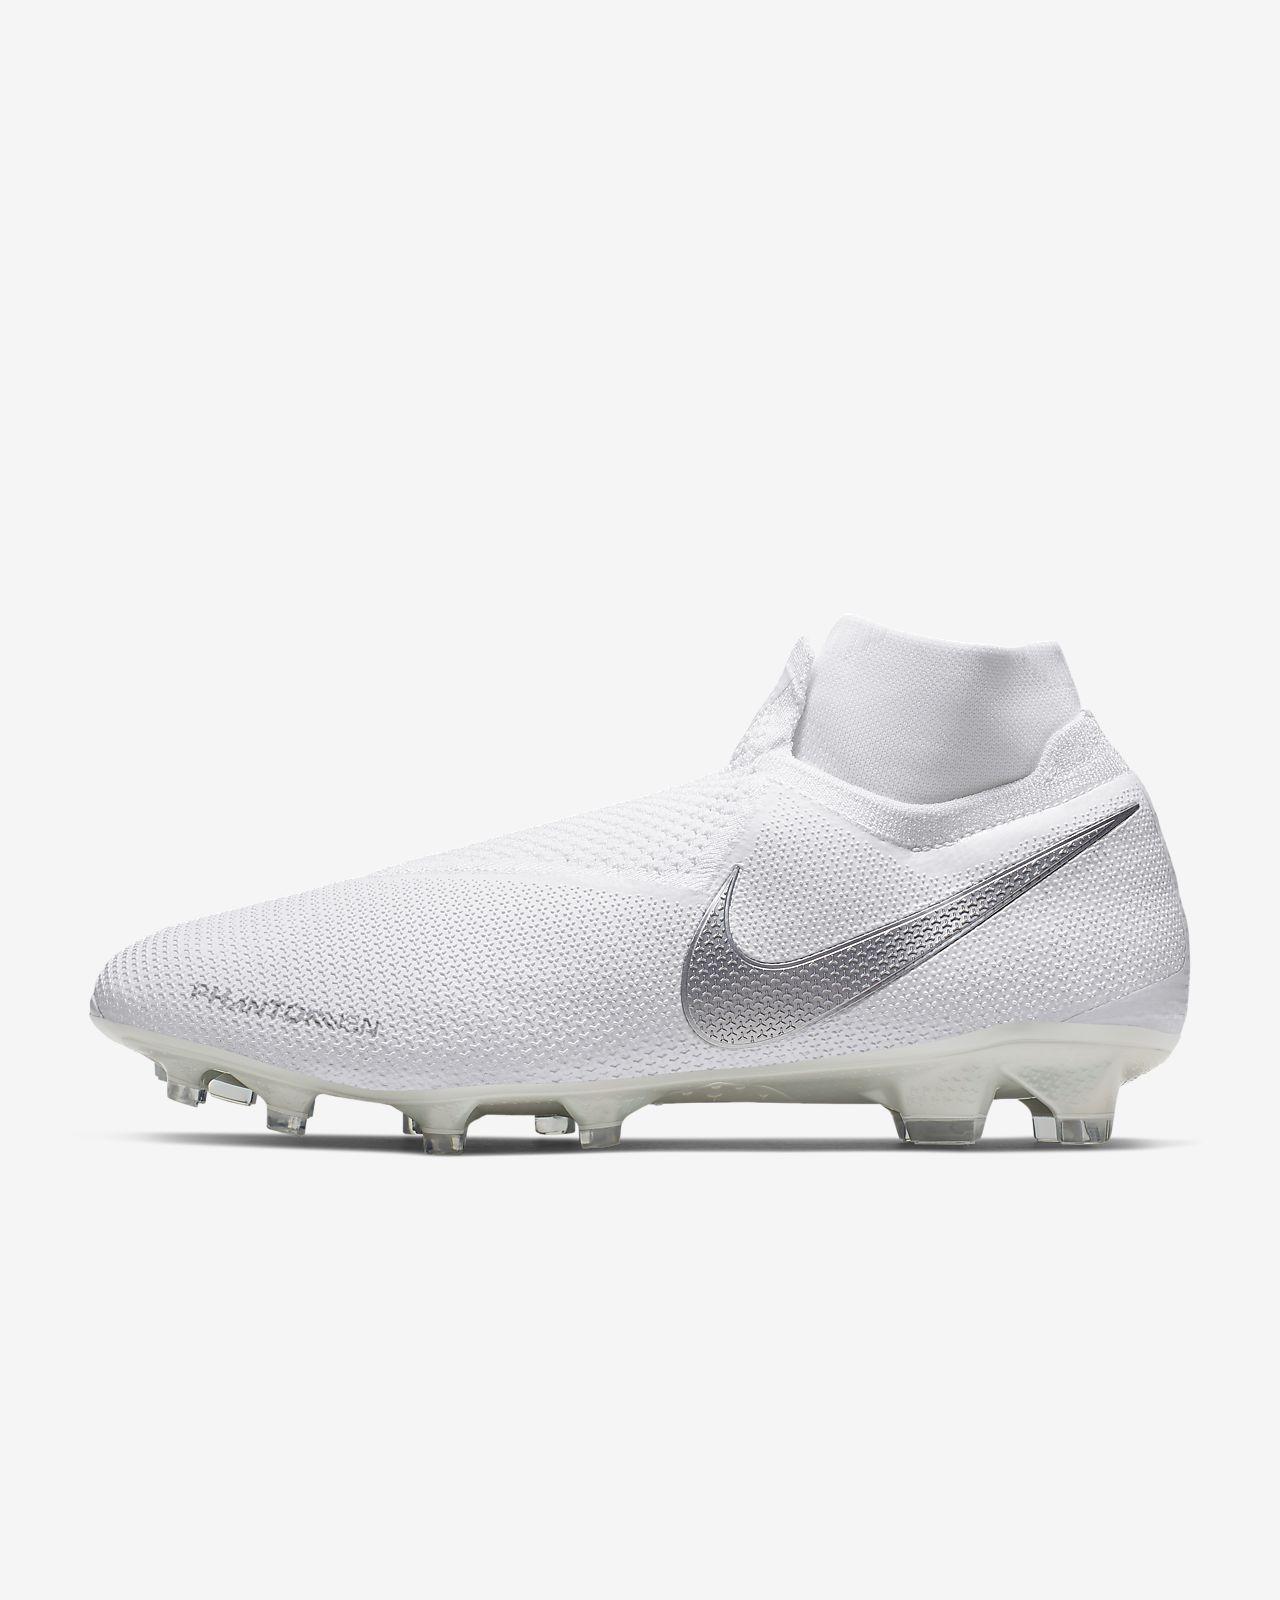 best cheap sale retailer fashion style Nike Phantom Vision Elite Dynamic Fit FG Fußballschuh für normalen Rasen